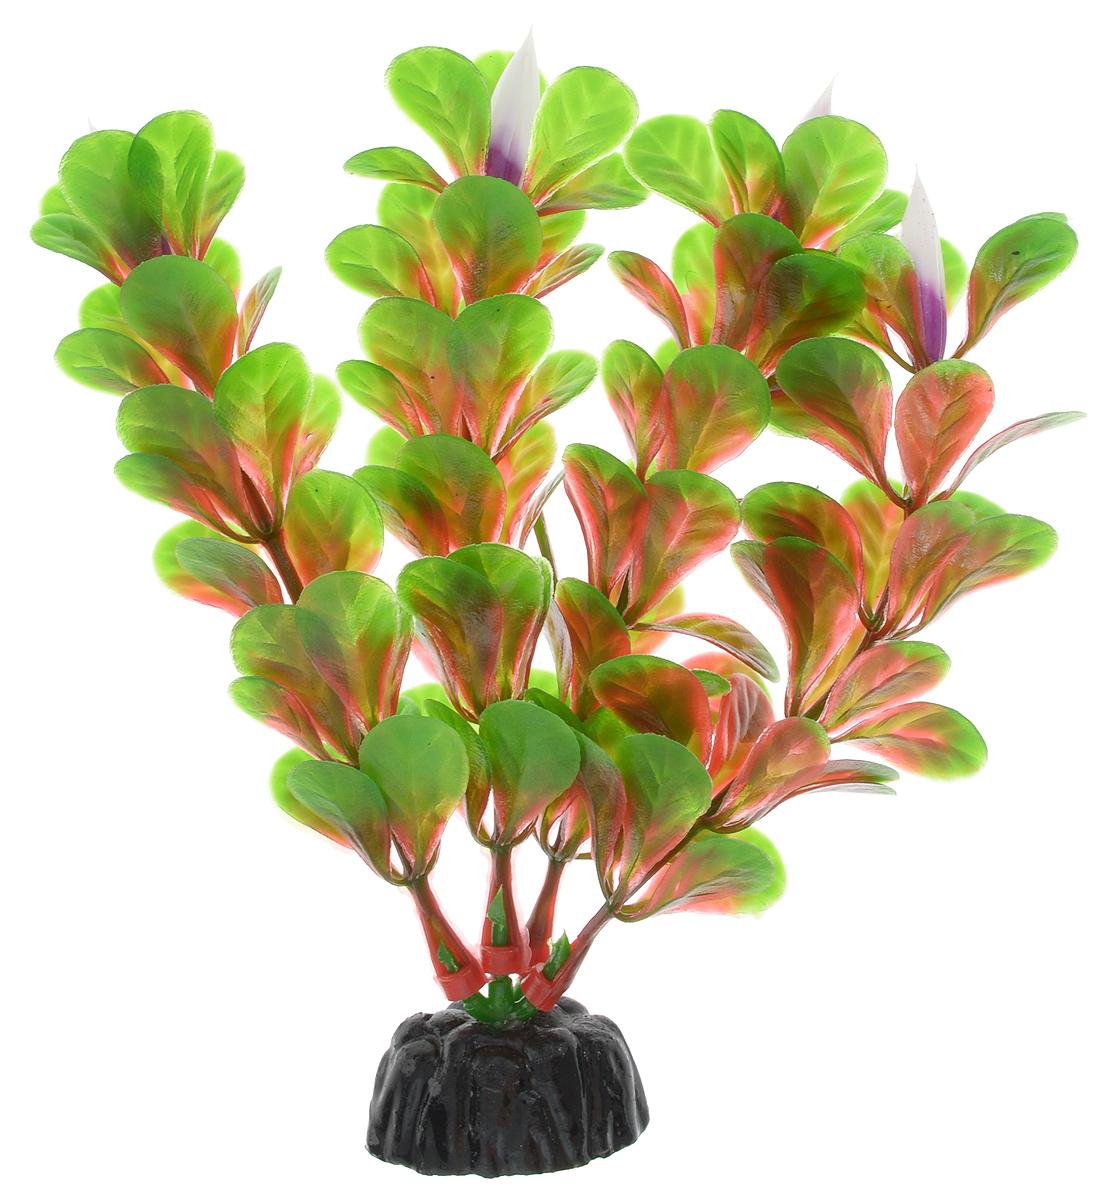 Растение для аквариума Barbus Людвигия ползучая (красная), пластиковое, высота 10 смAccessory 020Растение для аквариума Barbus Людвигия ползучая (красная), выполненное из качественного пластика, станет оригинальным украшением вашего аквариума. Пластиковое растение идеально подходит для дизайна всех видов аквариумов. Оно абсолютно безопасно, не токсично, нейтрально к водному балансу, устойчиво к истиранию краски, подходит как для пресноводного, так и для морского аквариума. Растение для аквариума Barbus поможет вам смоделировать потрясающий пейзаж на дне вашего аквариума или террариума. Высота растения: 10 см.